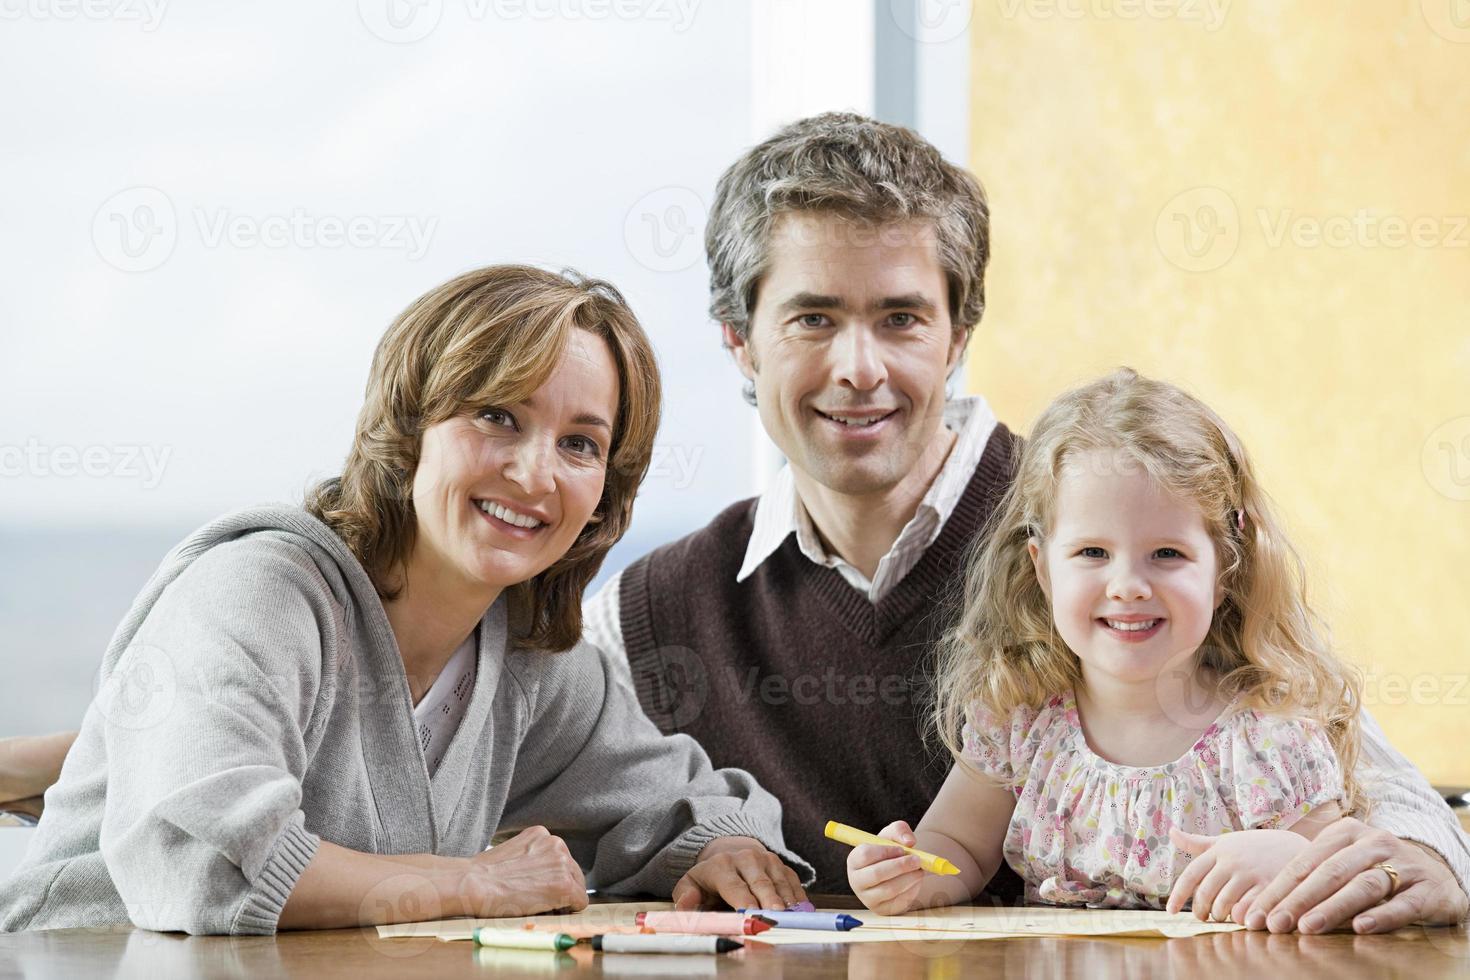 portret van een vader en dochter foto